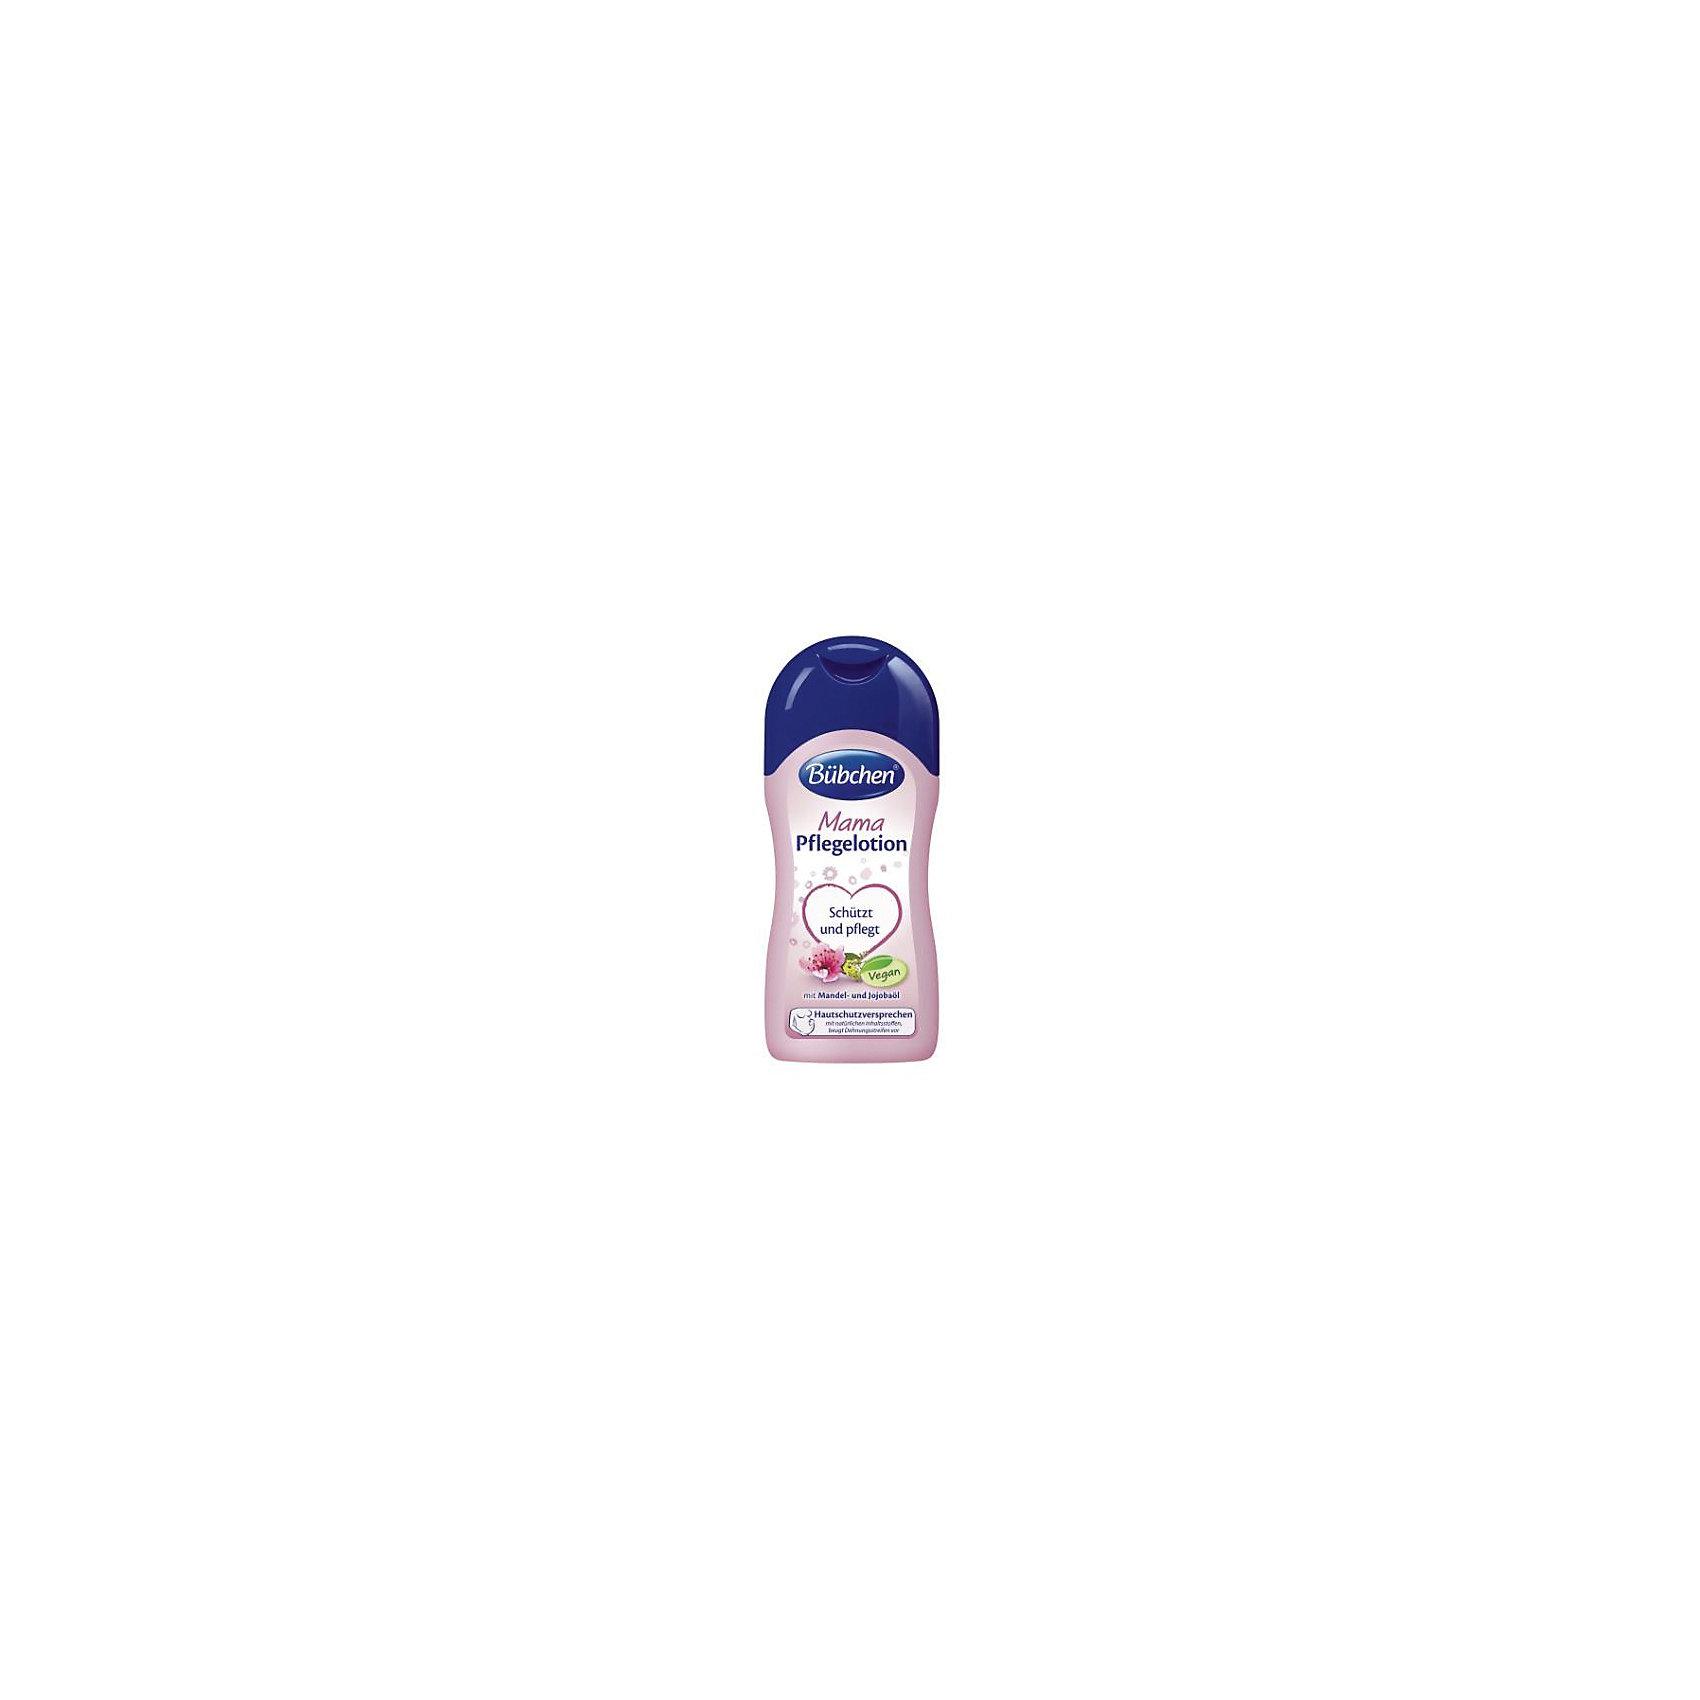 Молочко для ухода за кожей беременных и кормящих матерей МАМА,BUBCHEN, 200 мл. (Bubchen)